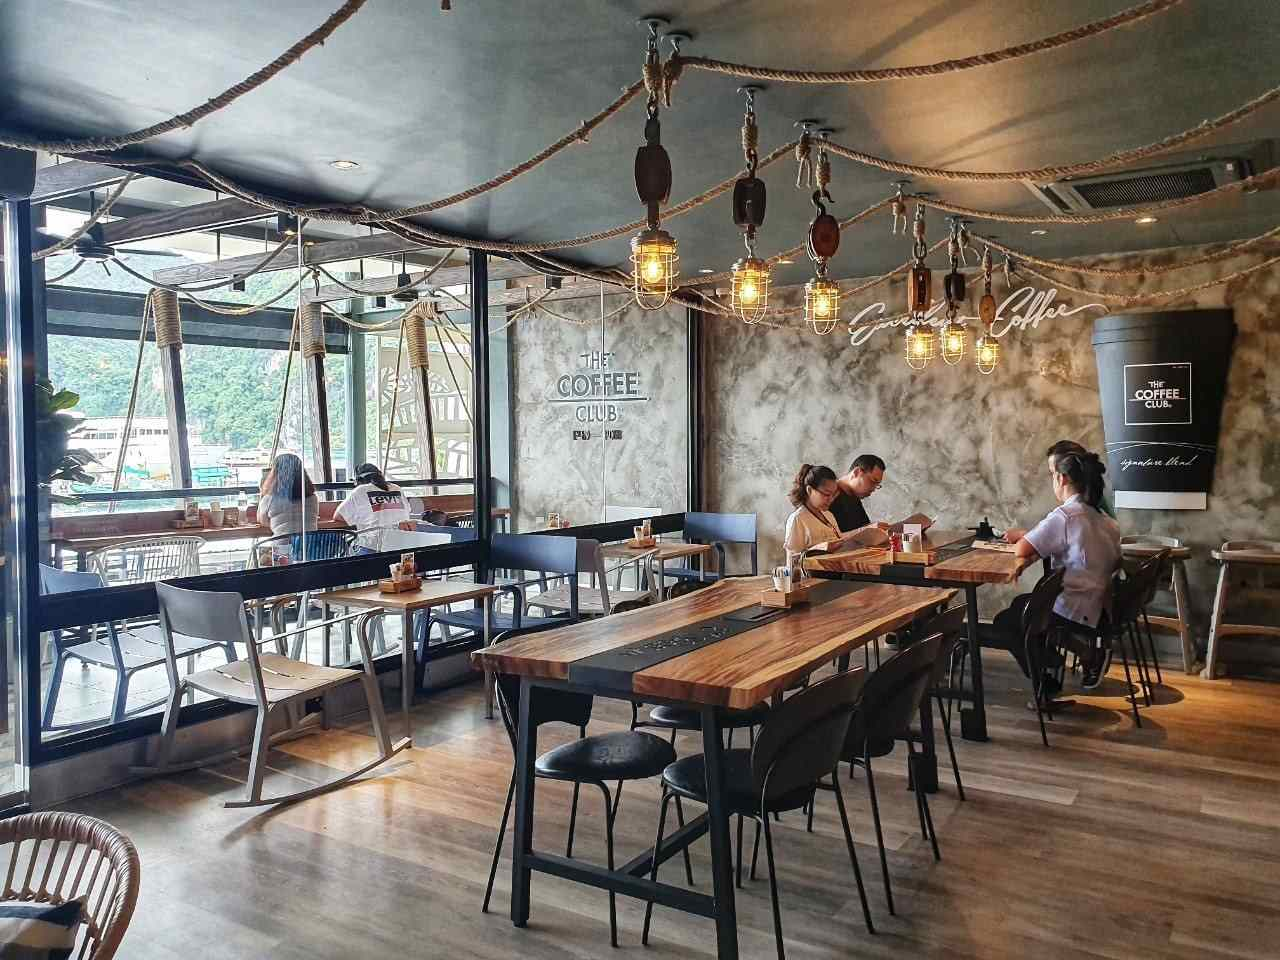 The Coffee Club Koh Phi Phi inside